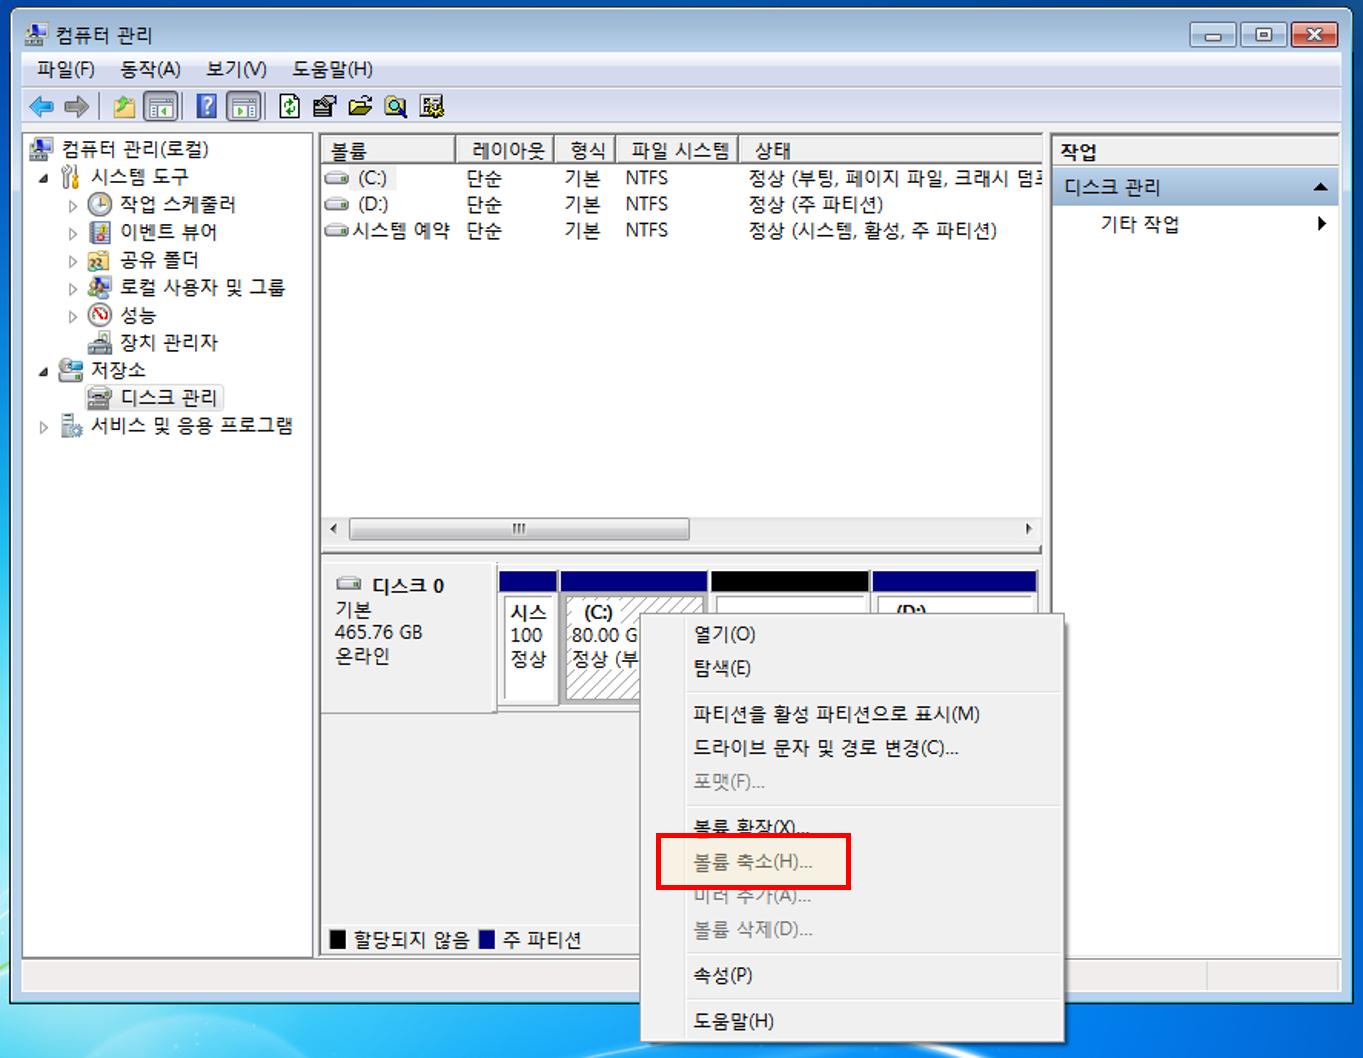 파티션_3.윈도우.png